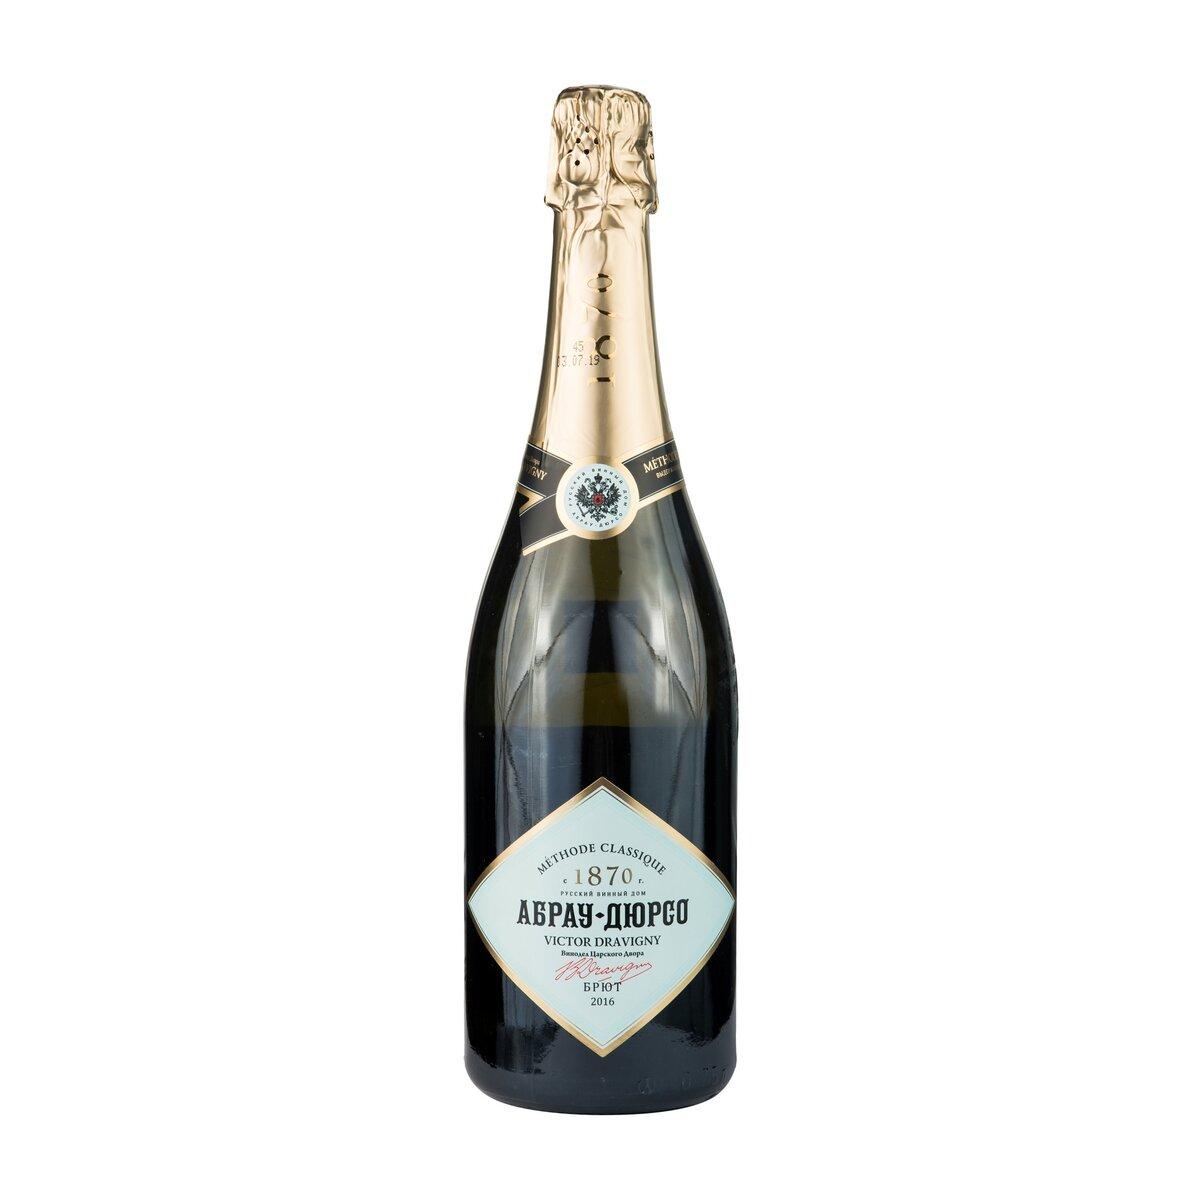 Креман (cremant) – младший брат шампанского